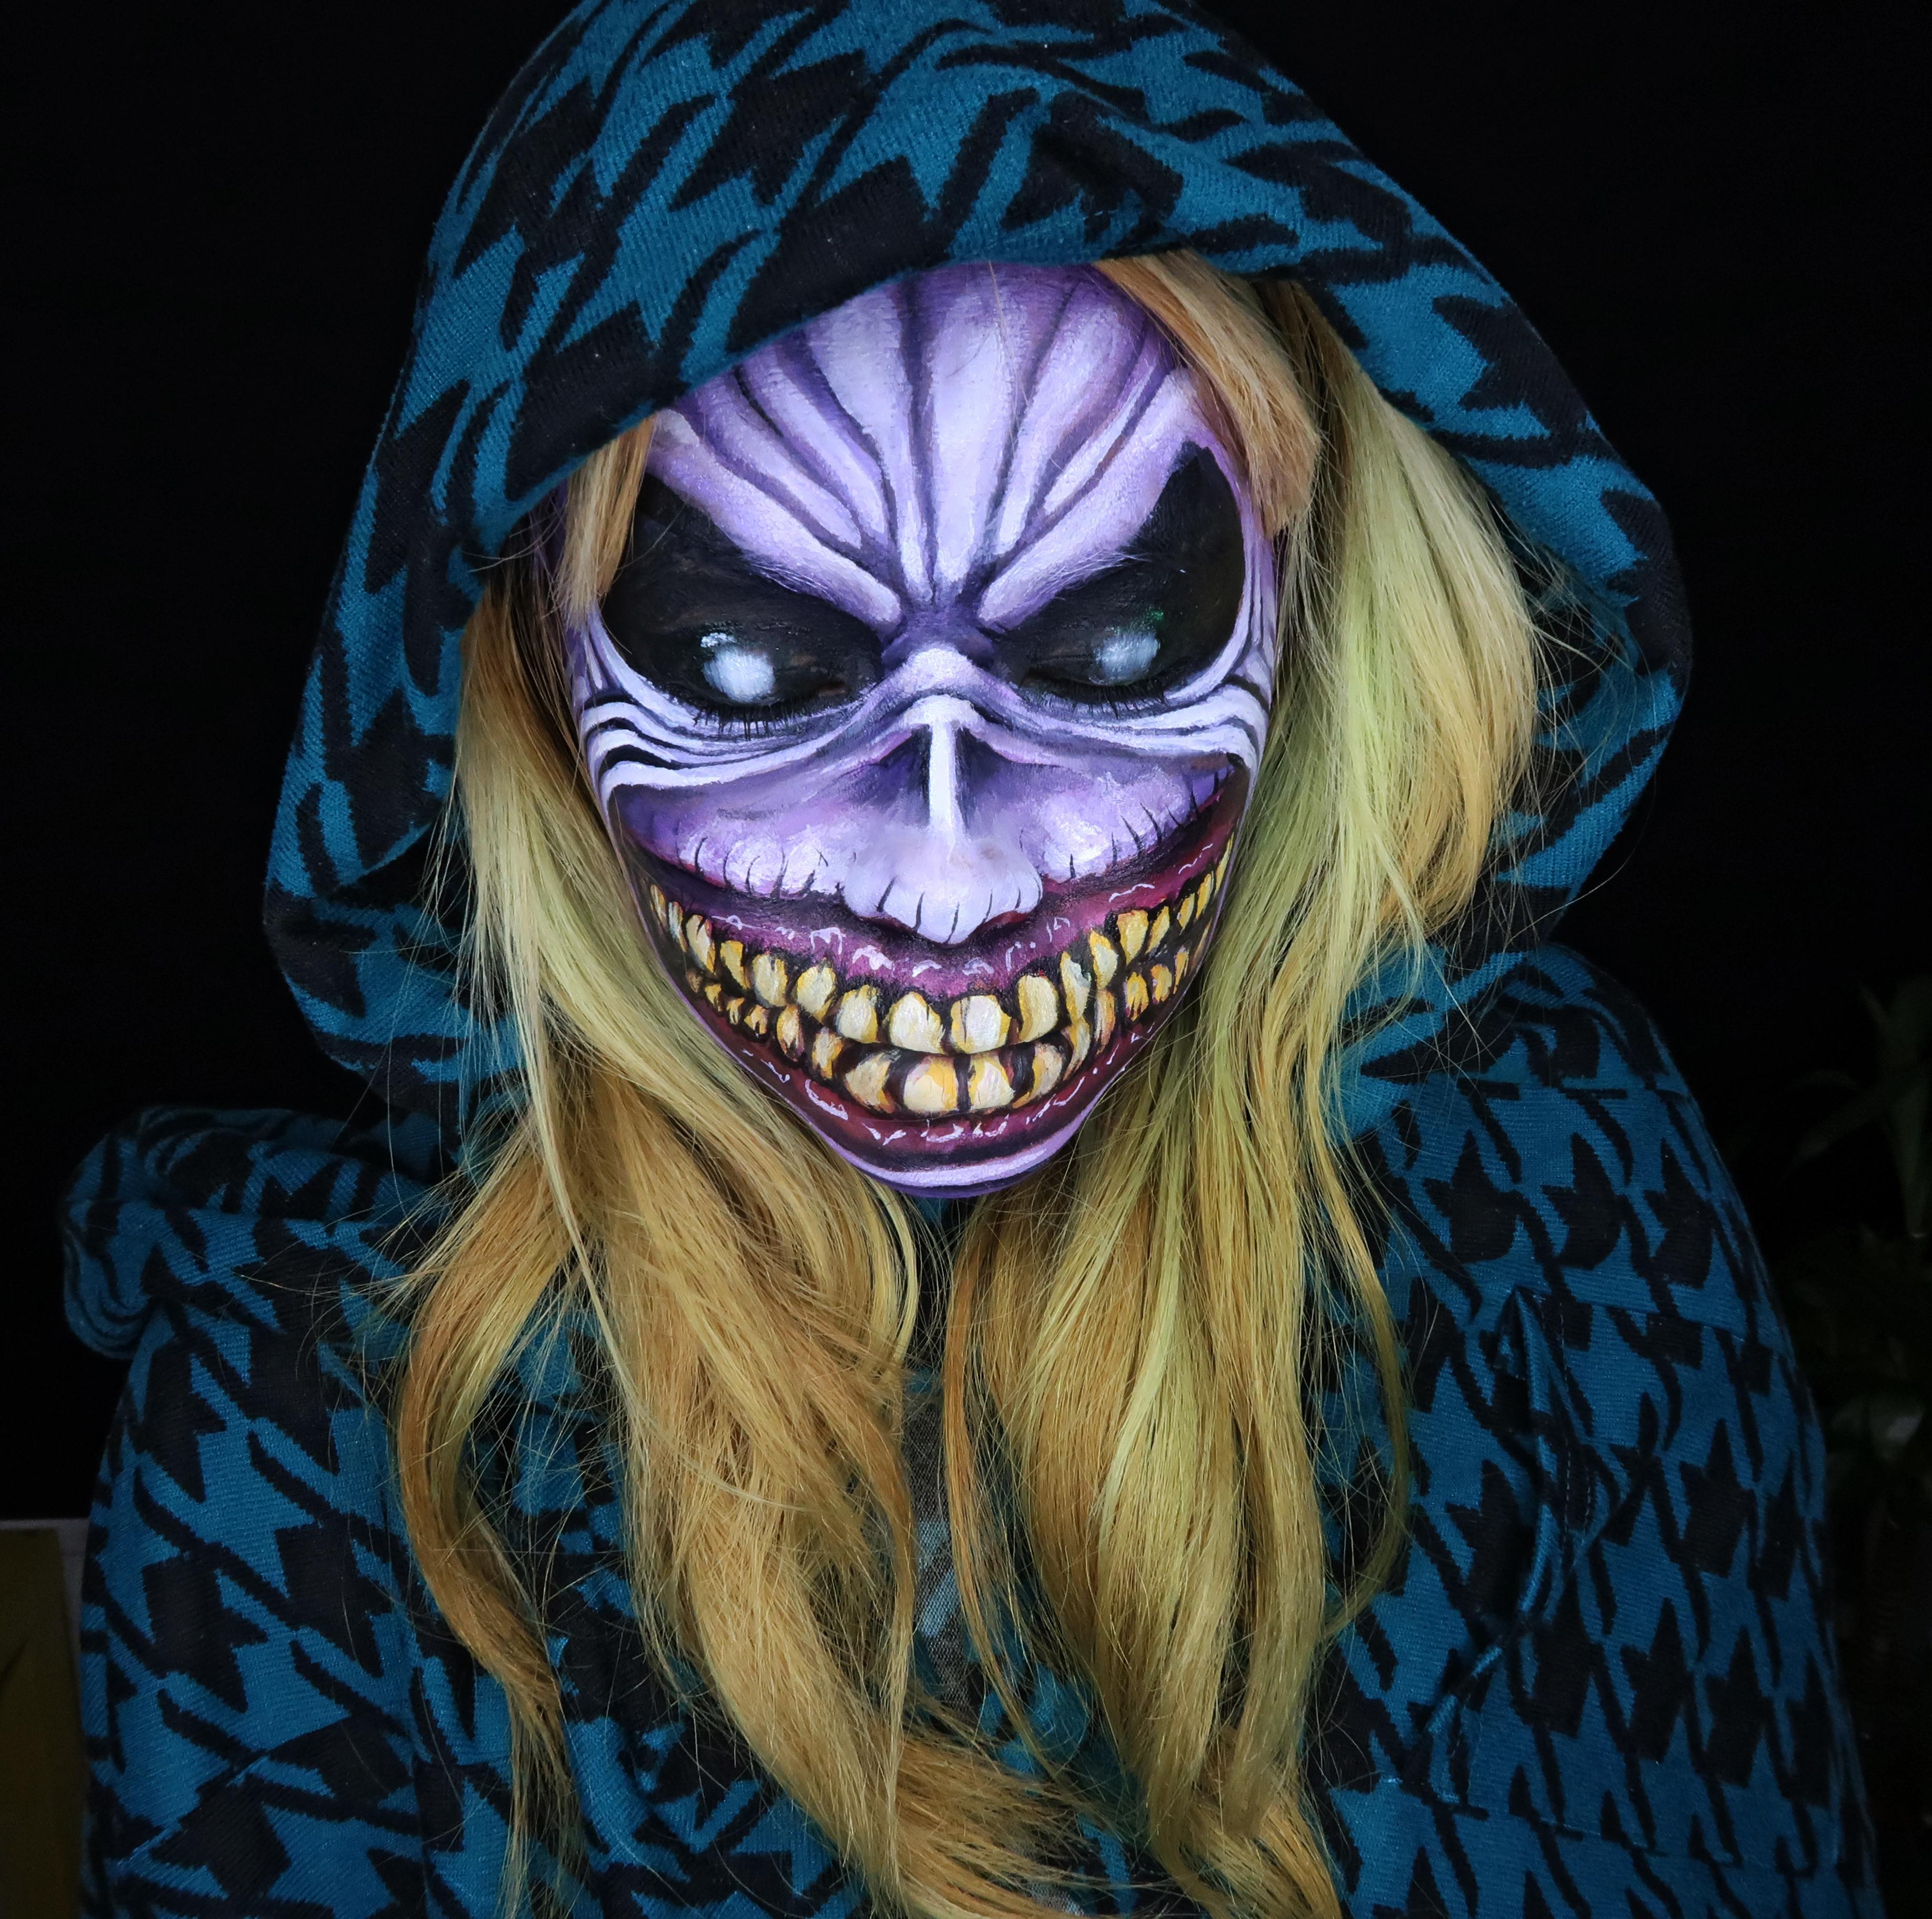 Hong Kong Halloween makeup